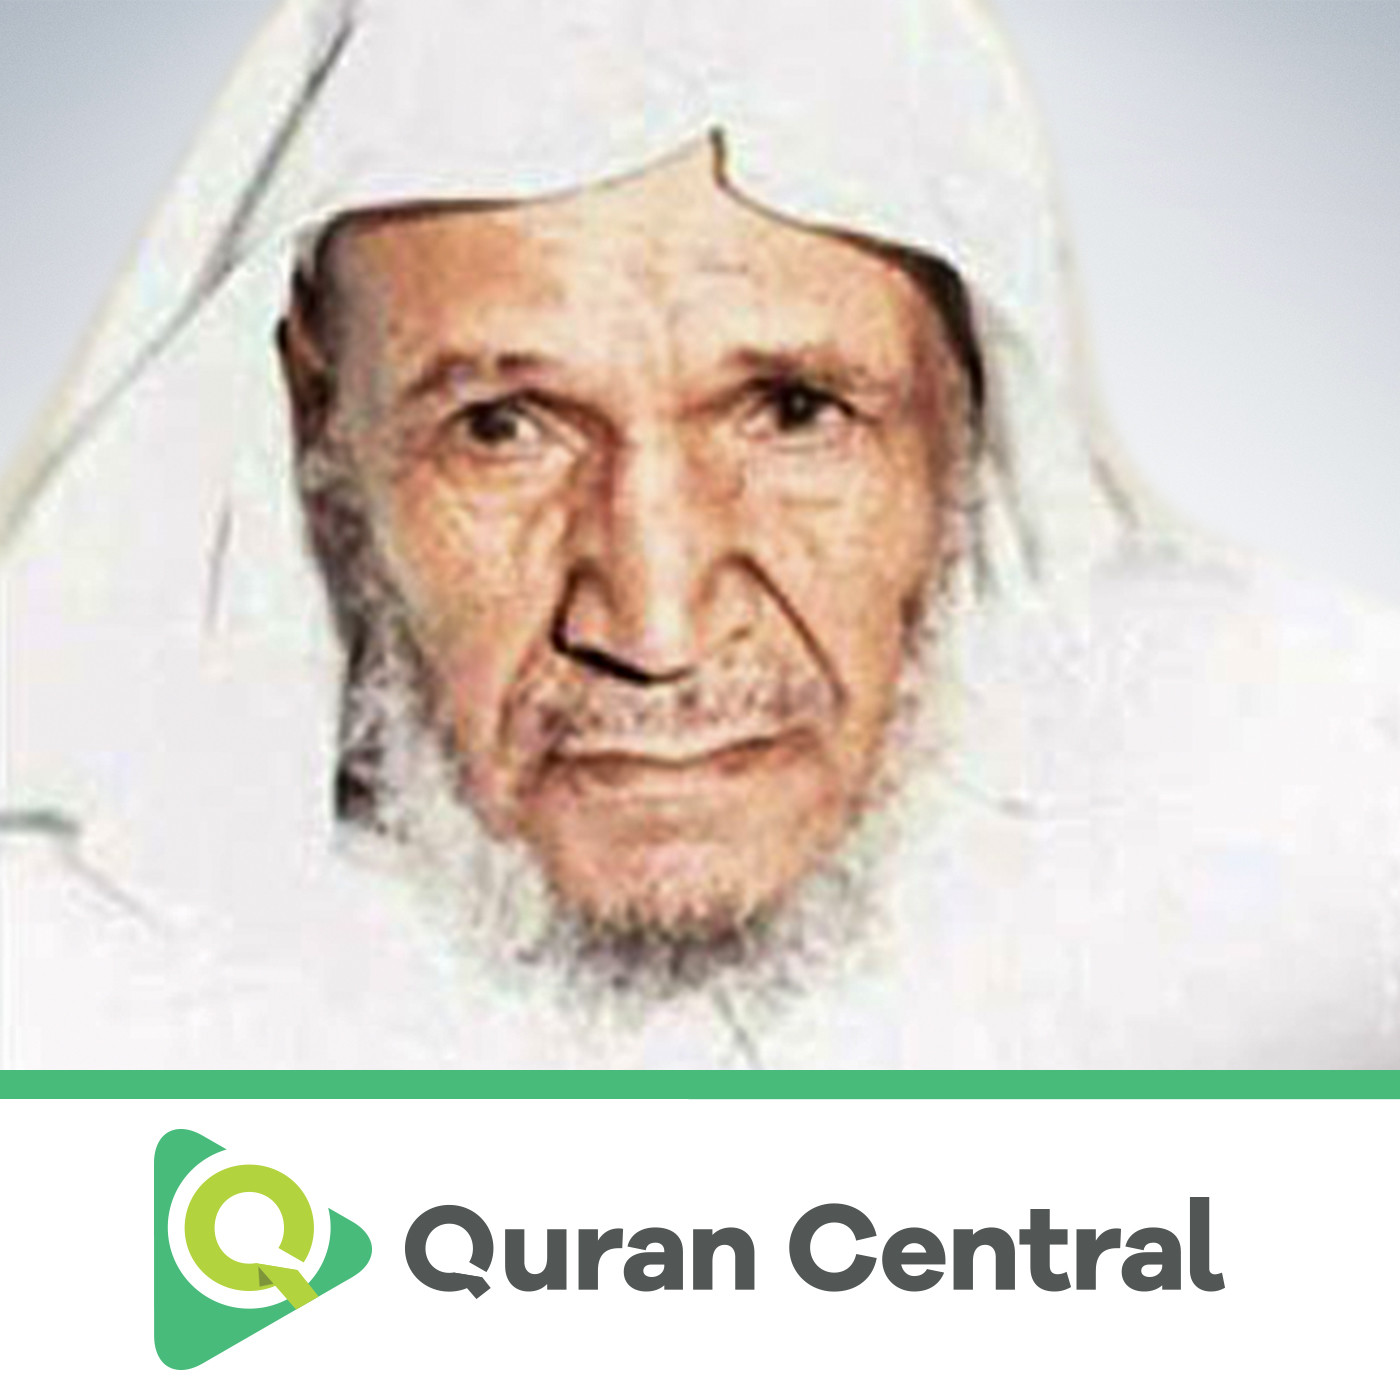 Abdullah Khayat O Quran Audio MP3 Central